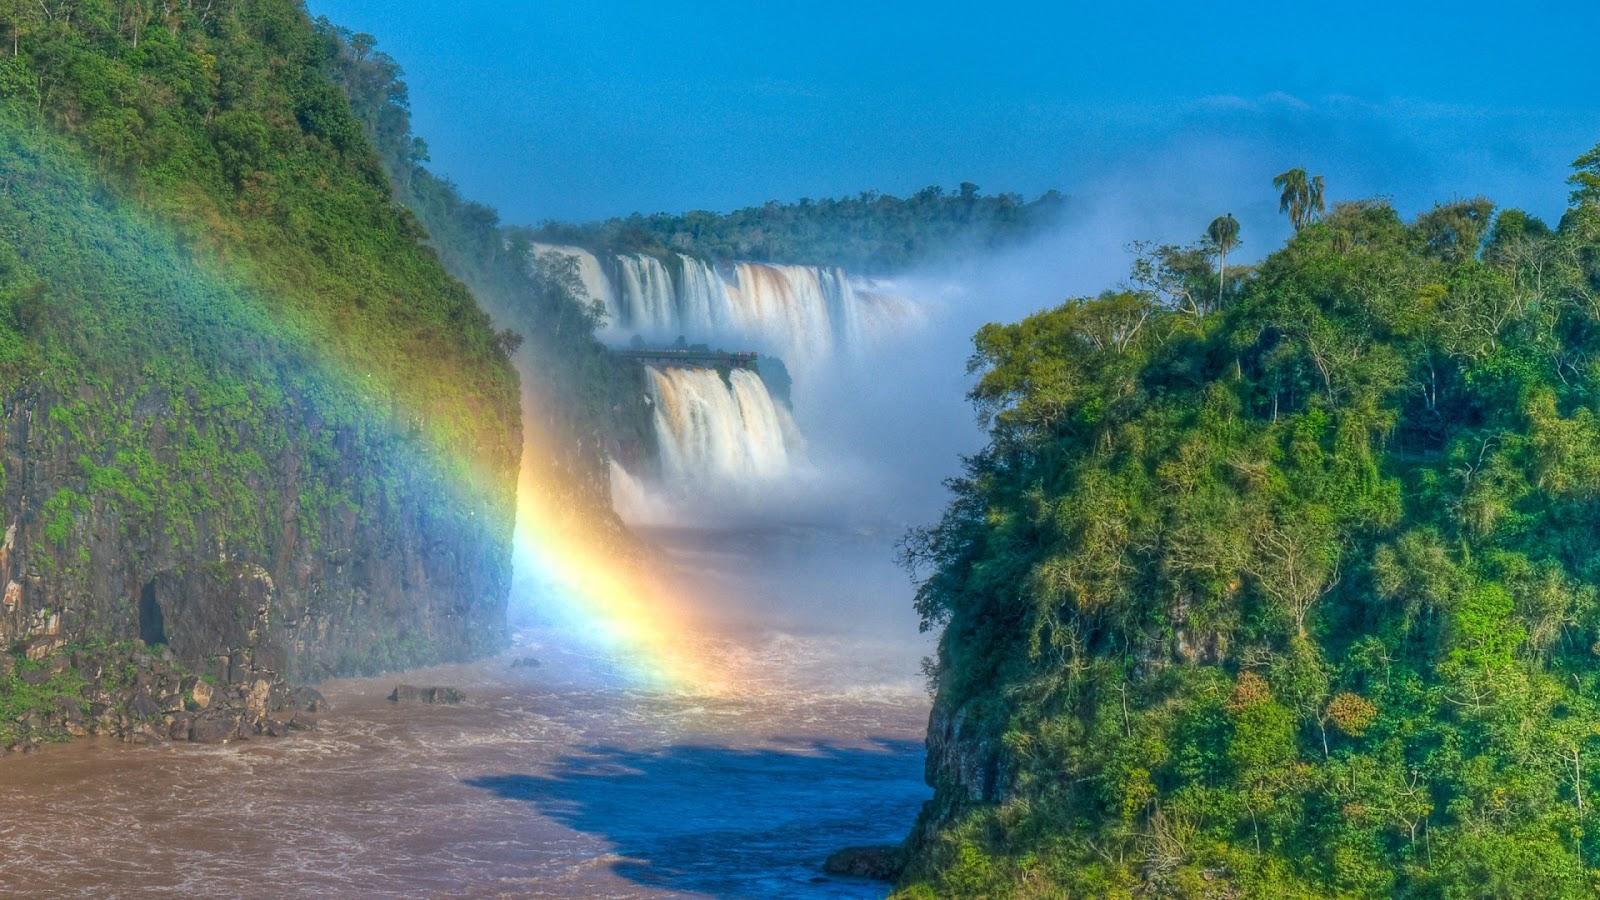 Fondo Pantalla Paisaje Cascadas Y Naturaleza: Imagenes Hilandy: Junio 2013